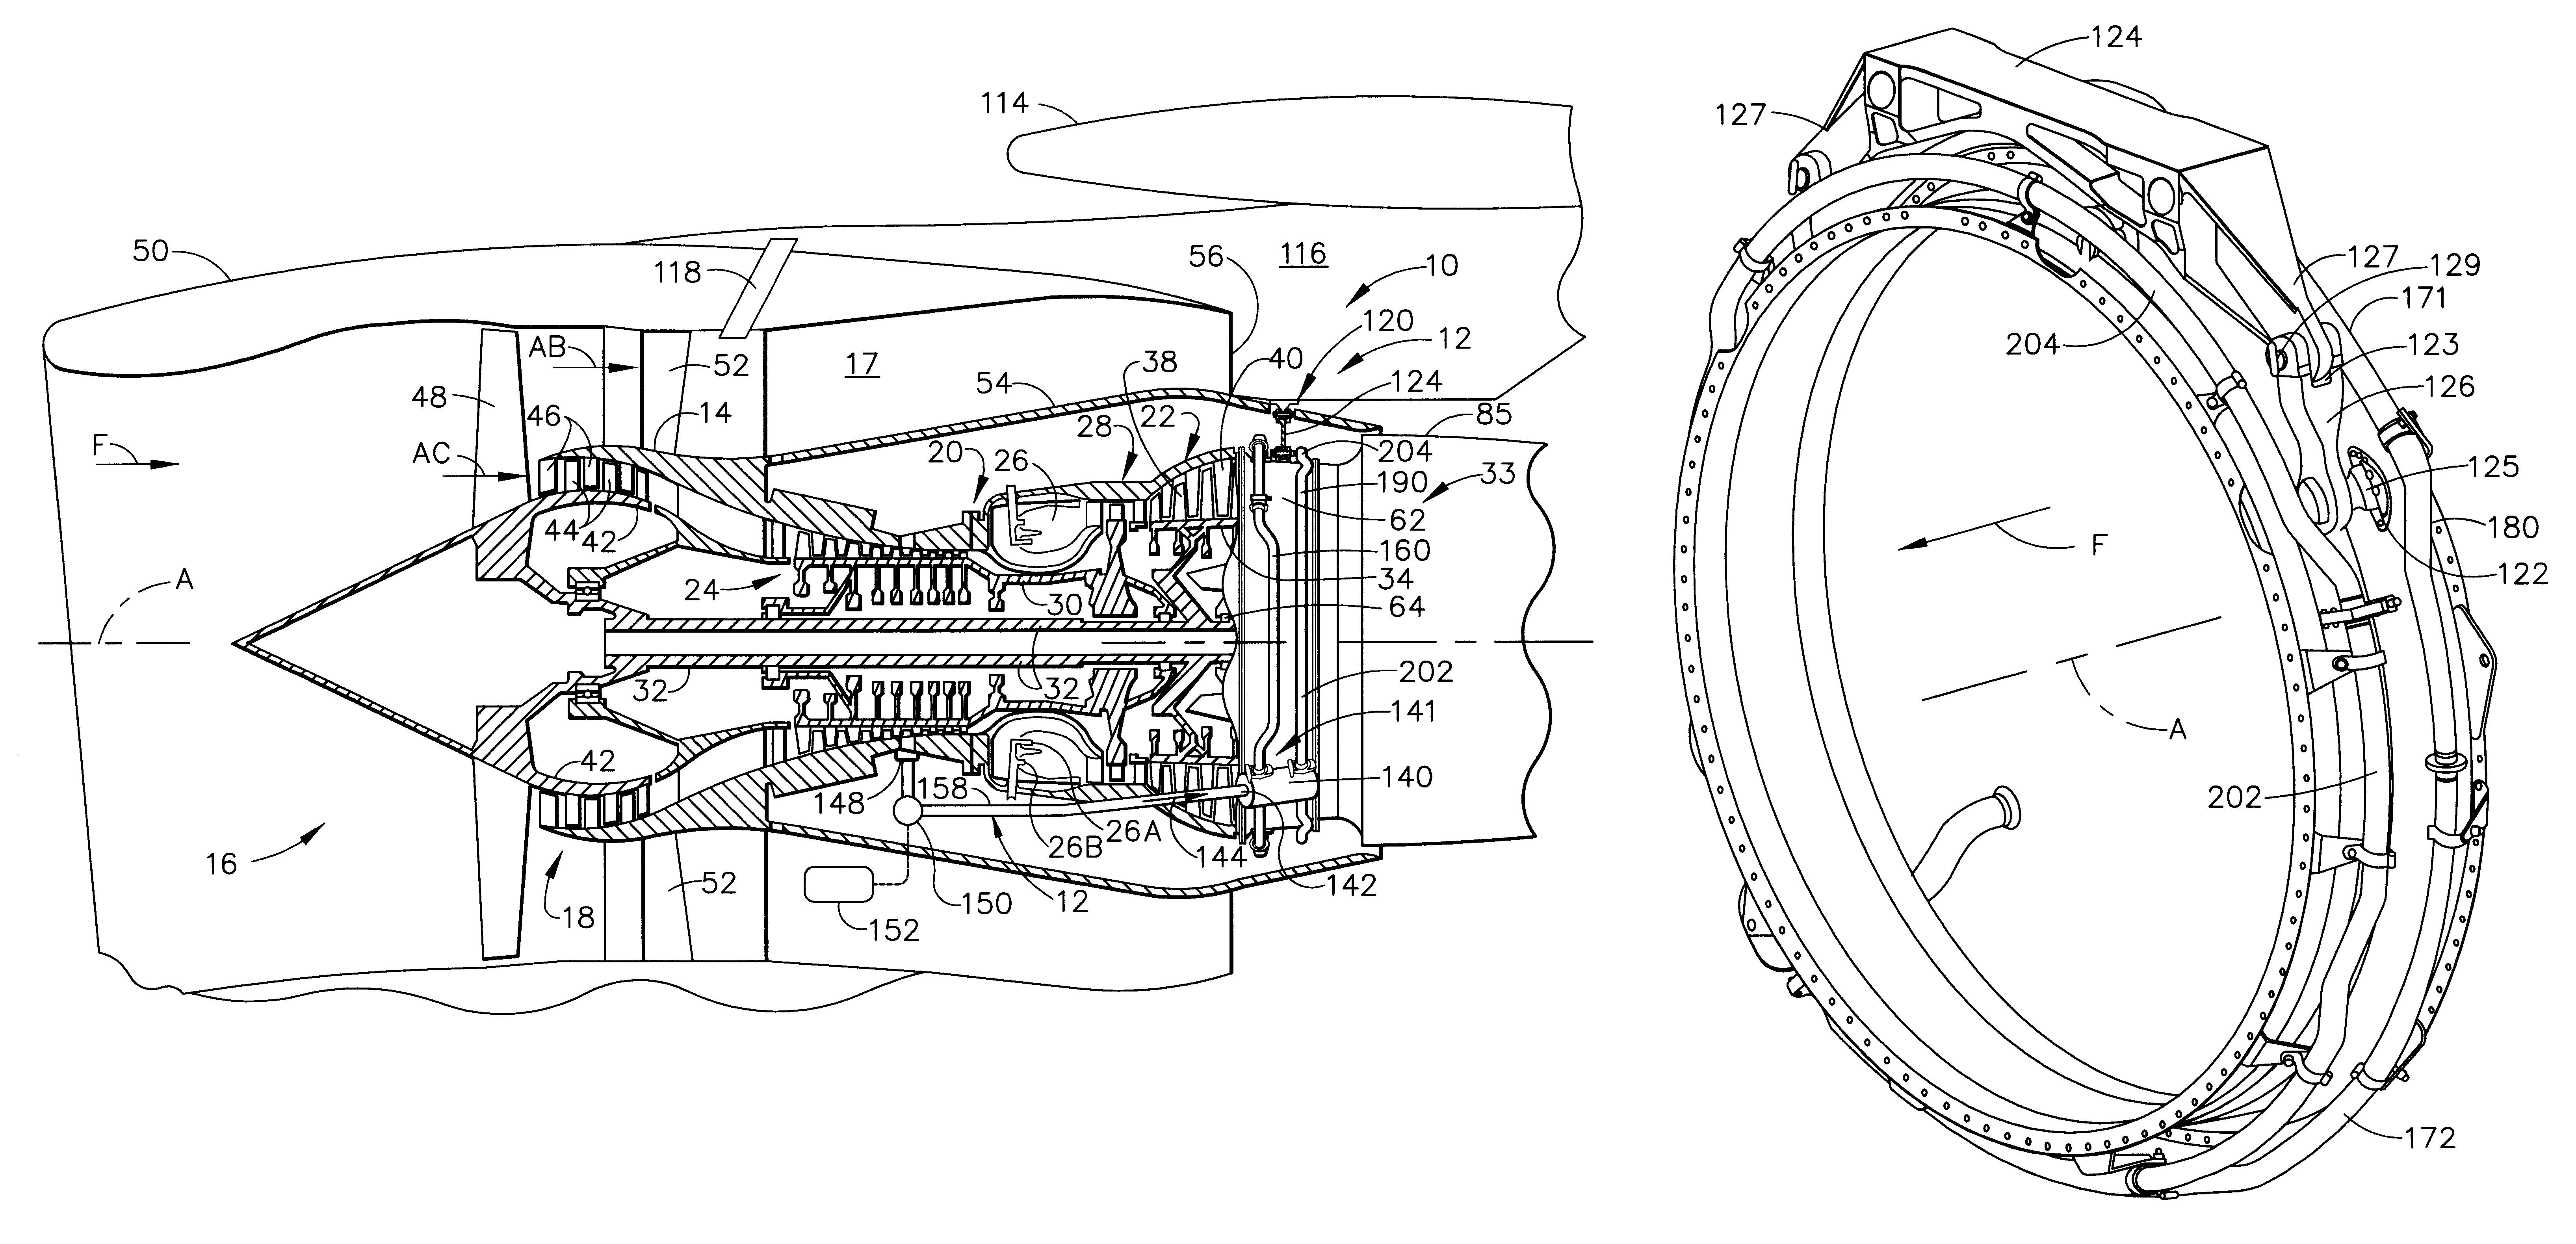 Cfm56 Jet Engine Wiring Source Schematic Bjorns Corner Turbofan Challenges Part 5 Likewise Engines Also Southwest Makes